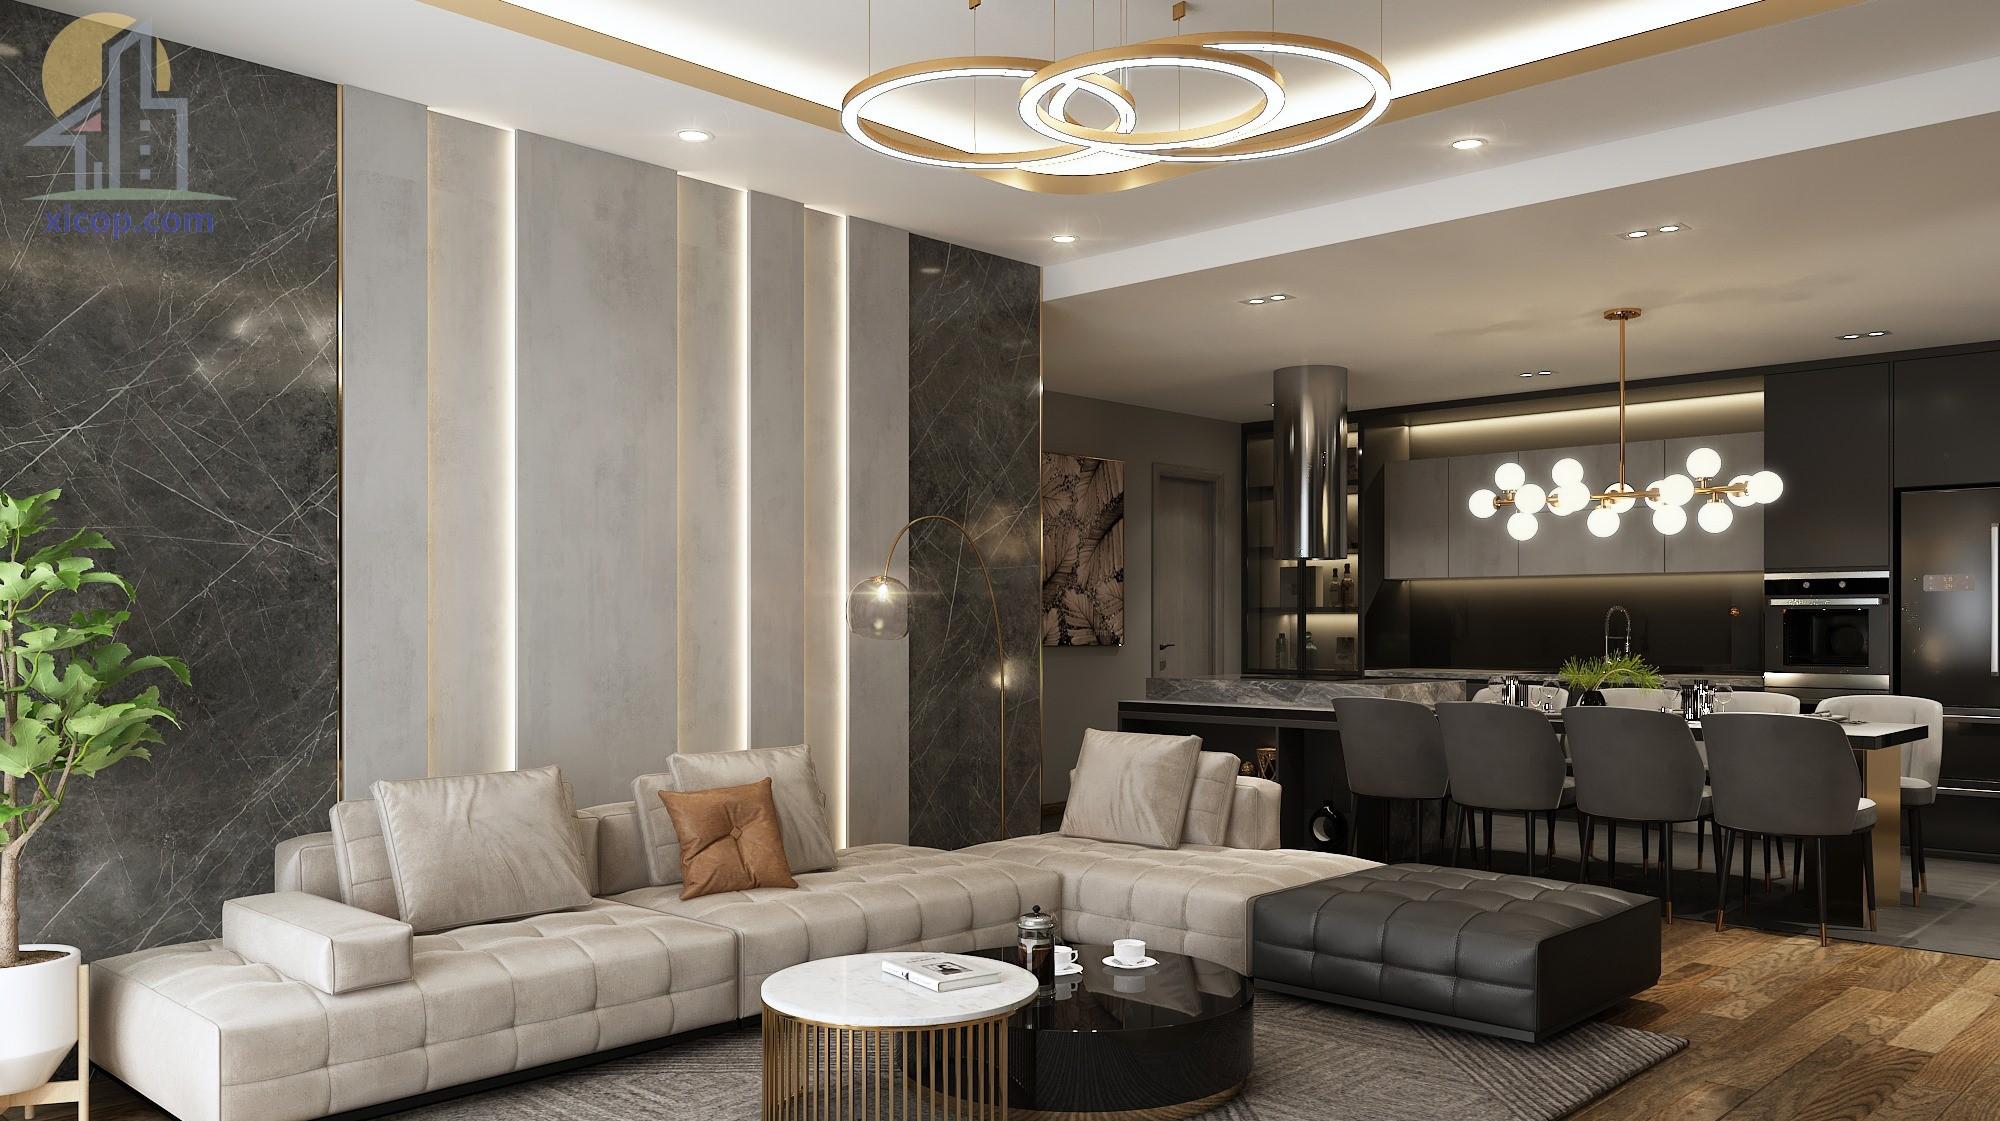 Thiết kế nội thất nhà phố hiện đại đẹp 1 phong cách đơn giản